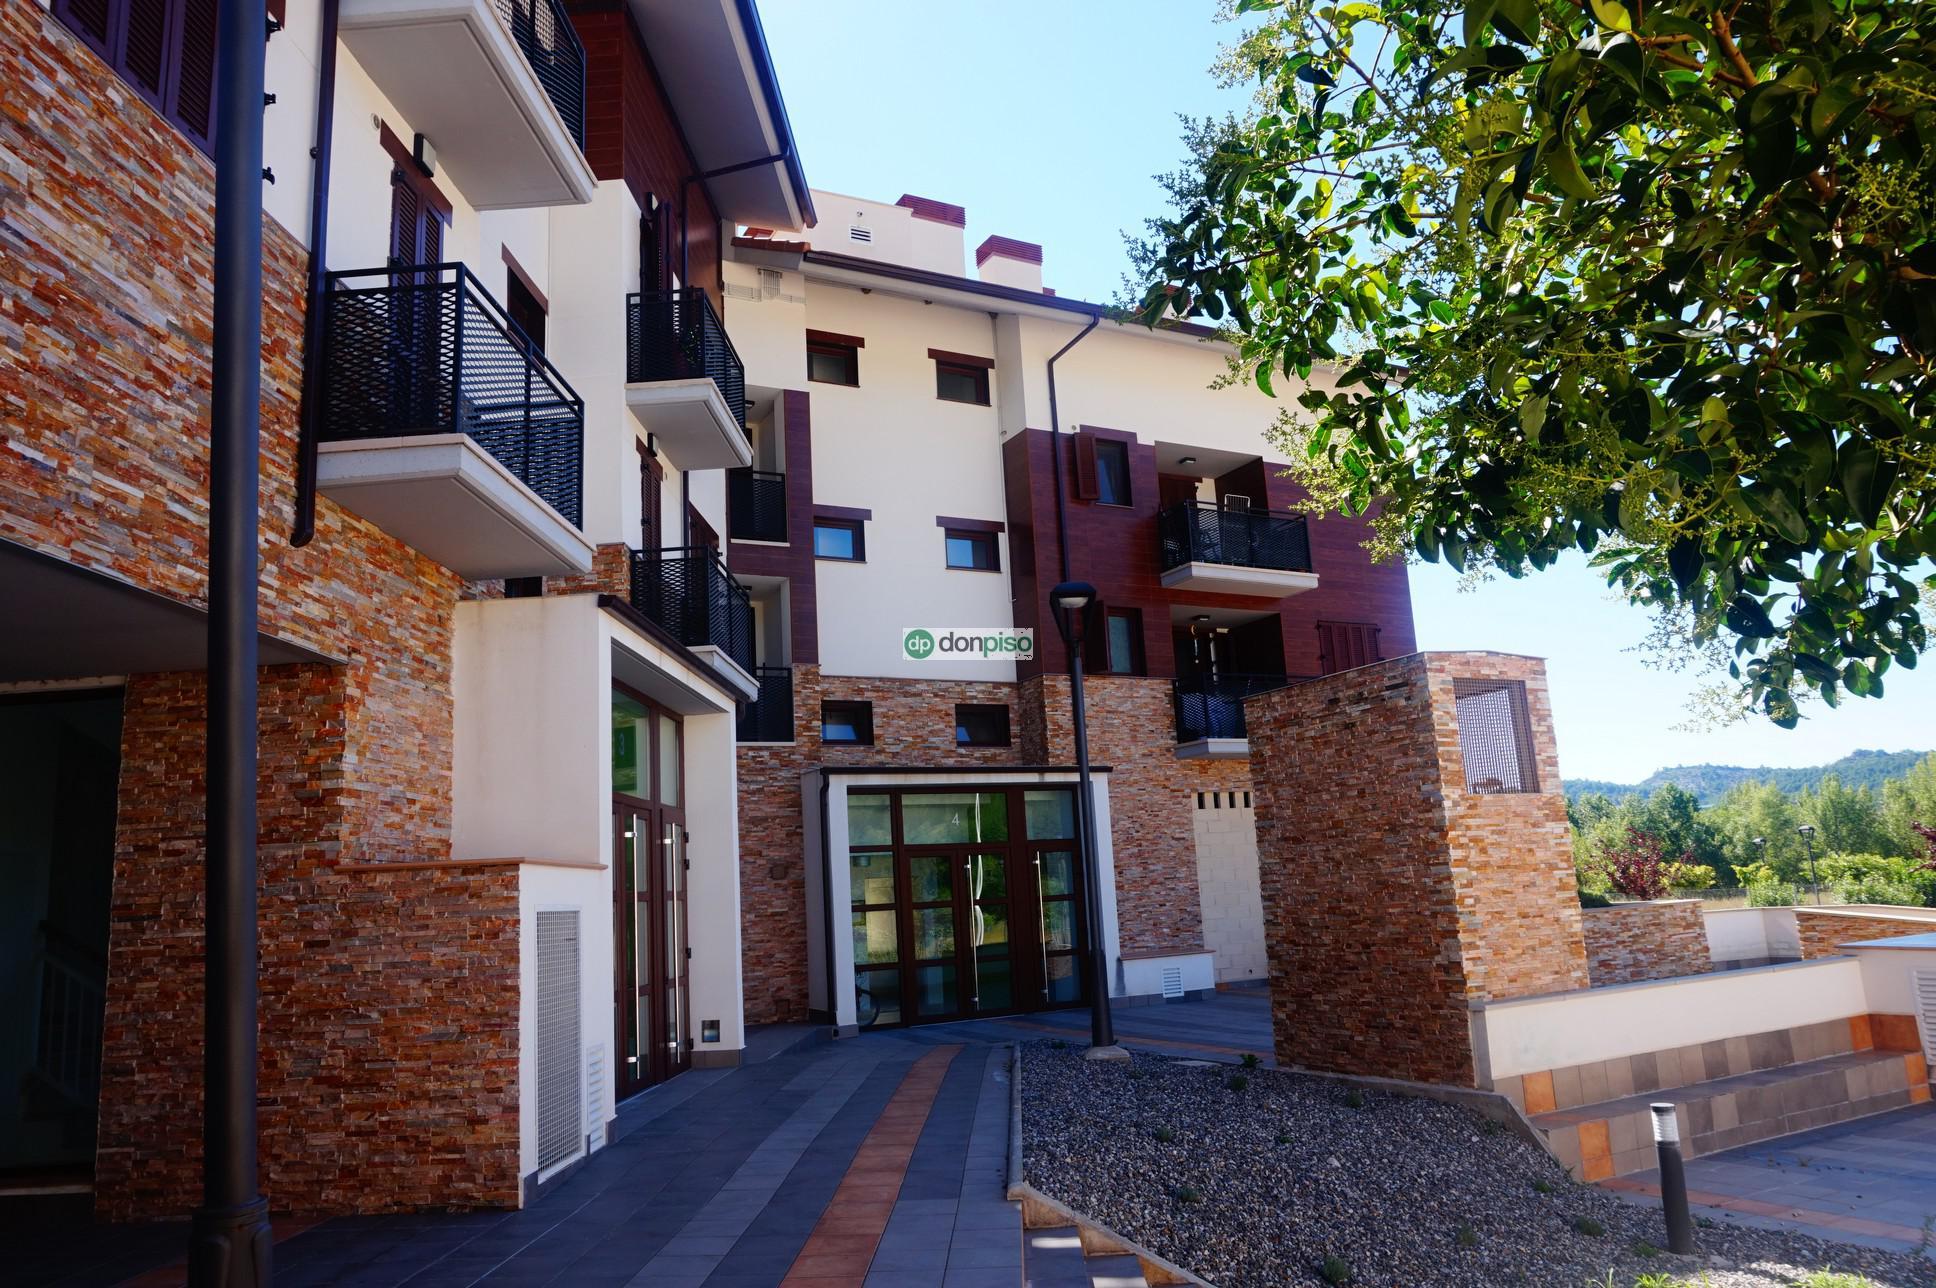 165653 - Hotel balneario Monasterio de Boltaña